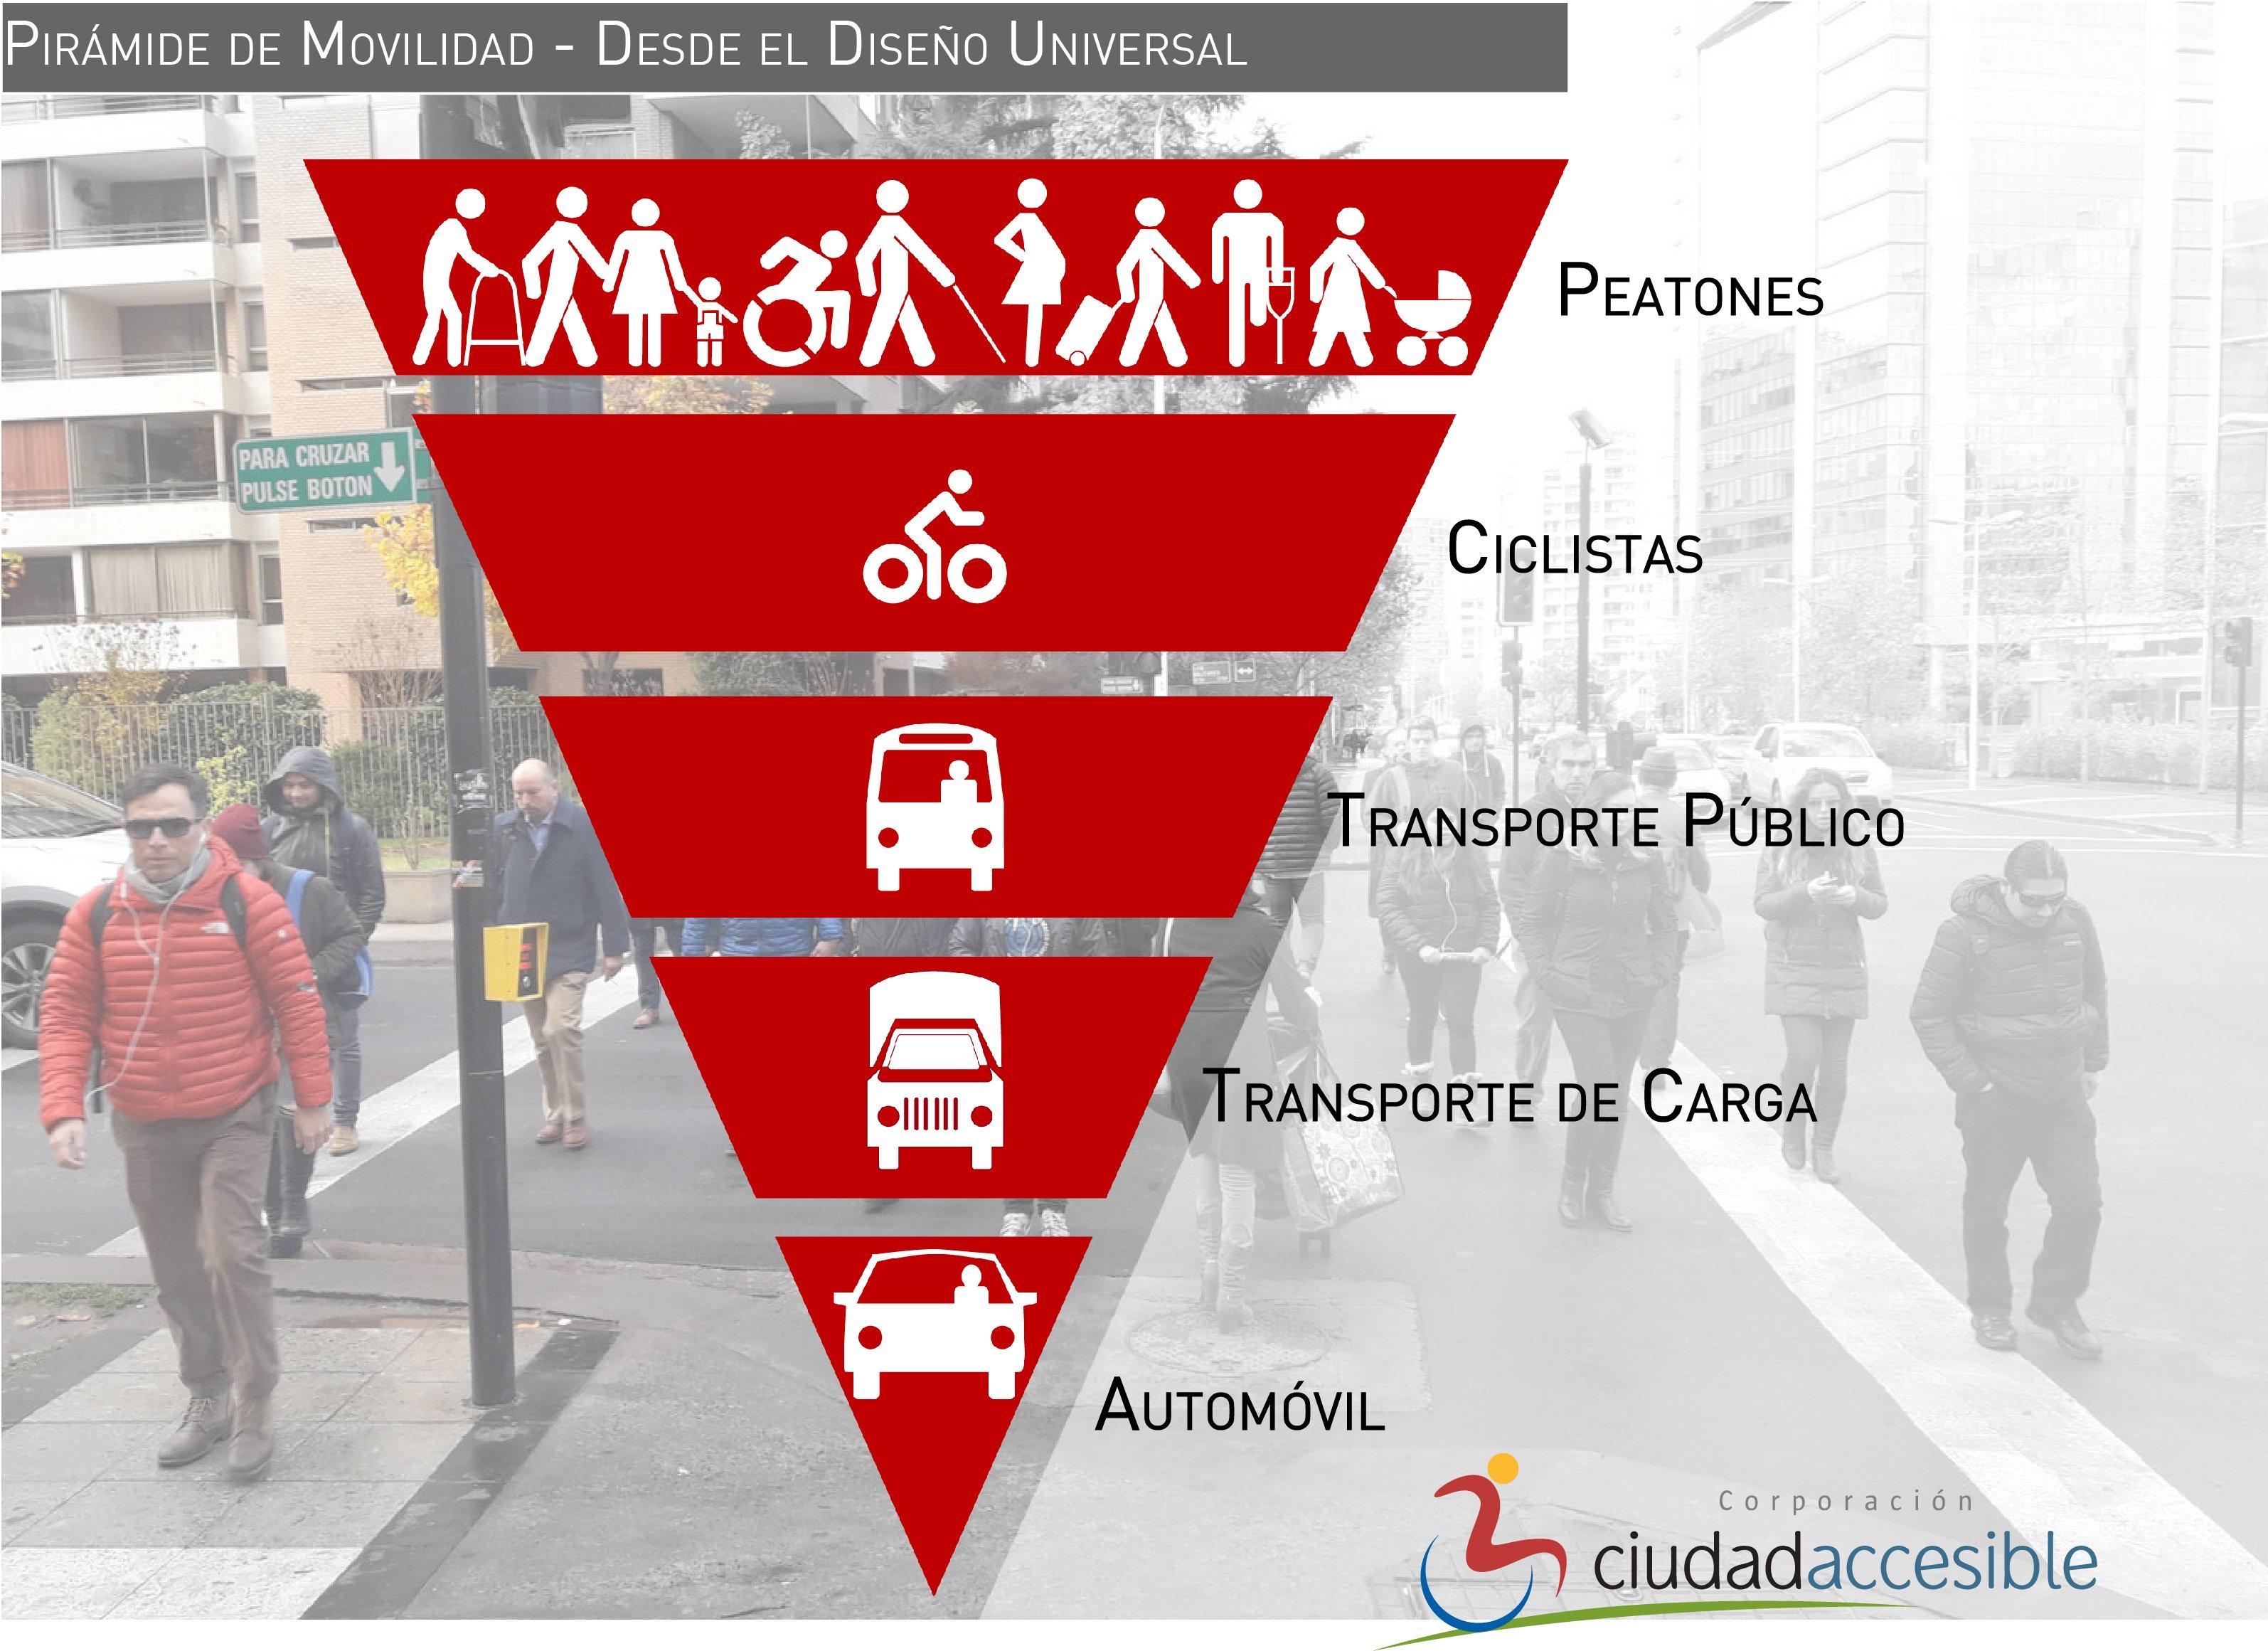 piramide de movilidad